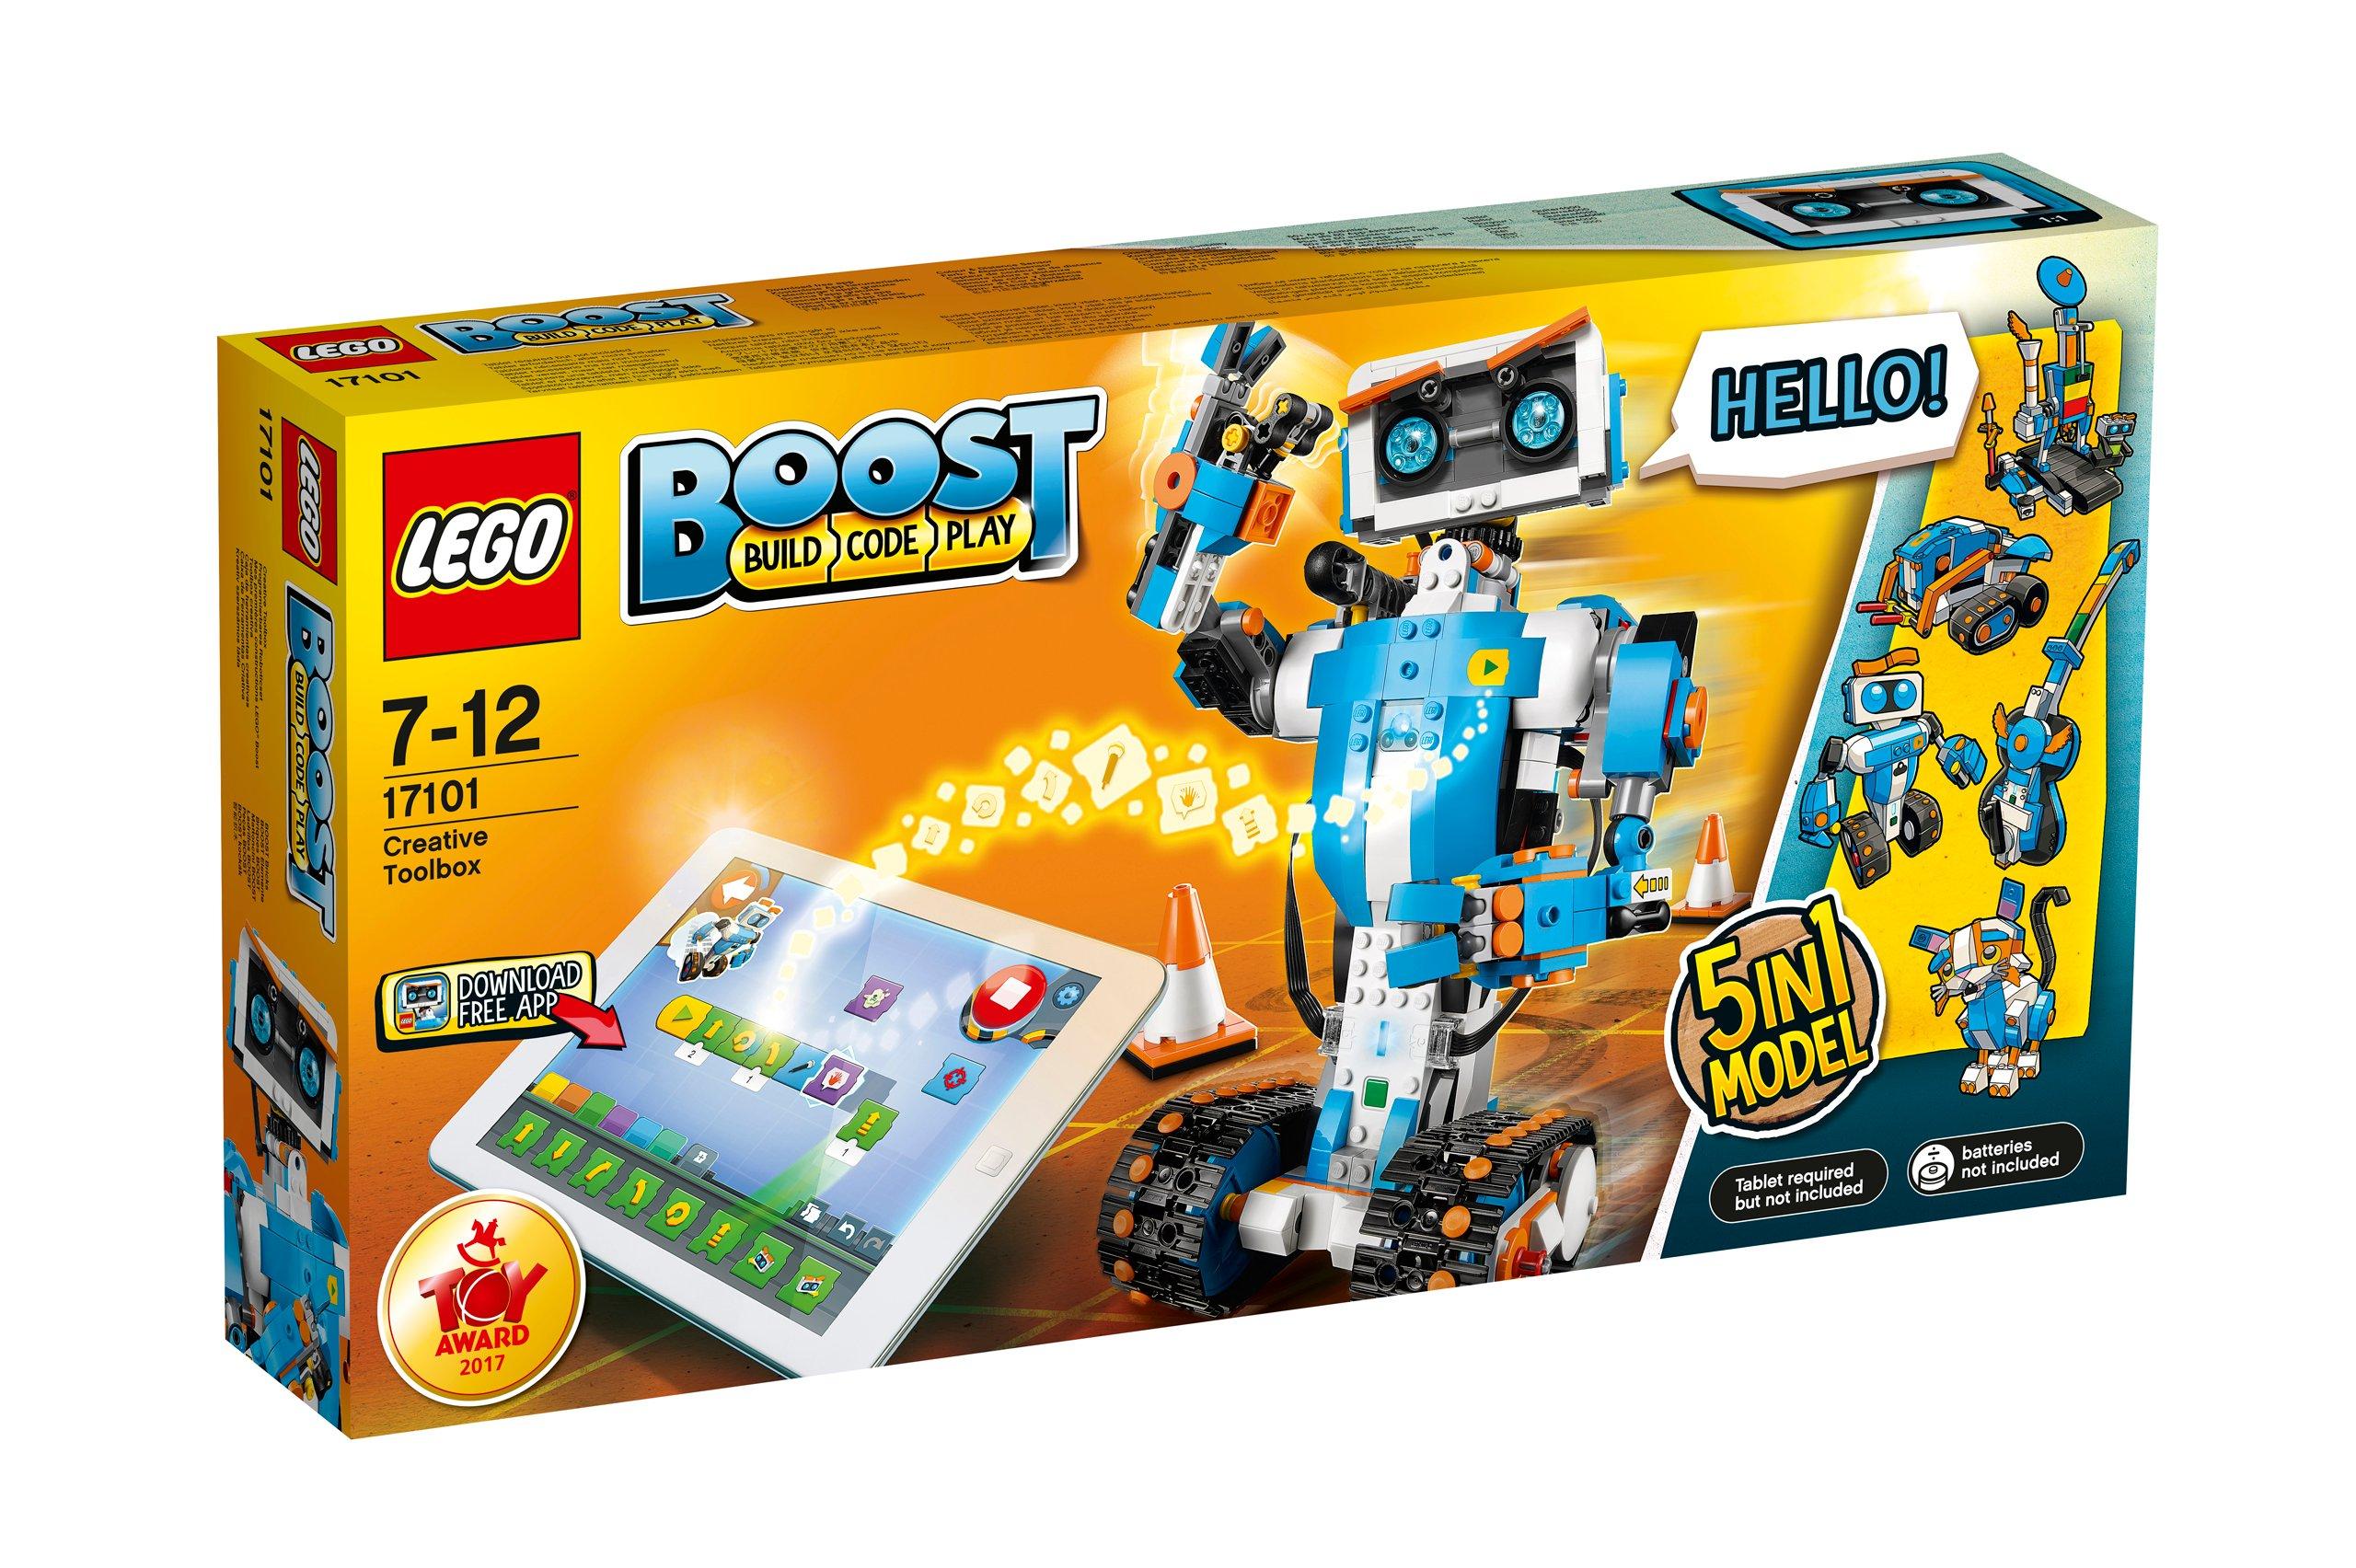 Klocki Lego Boost Zestaw Kreatywny 5w1 17101 7419910593